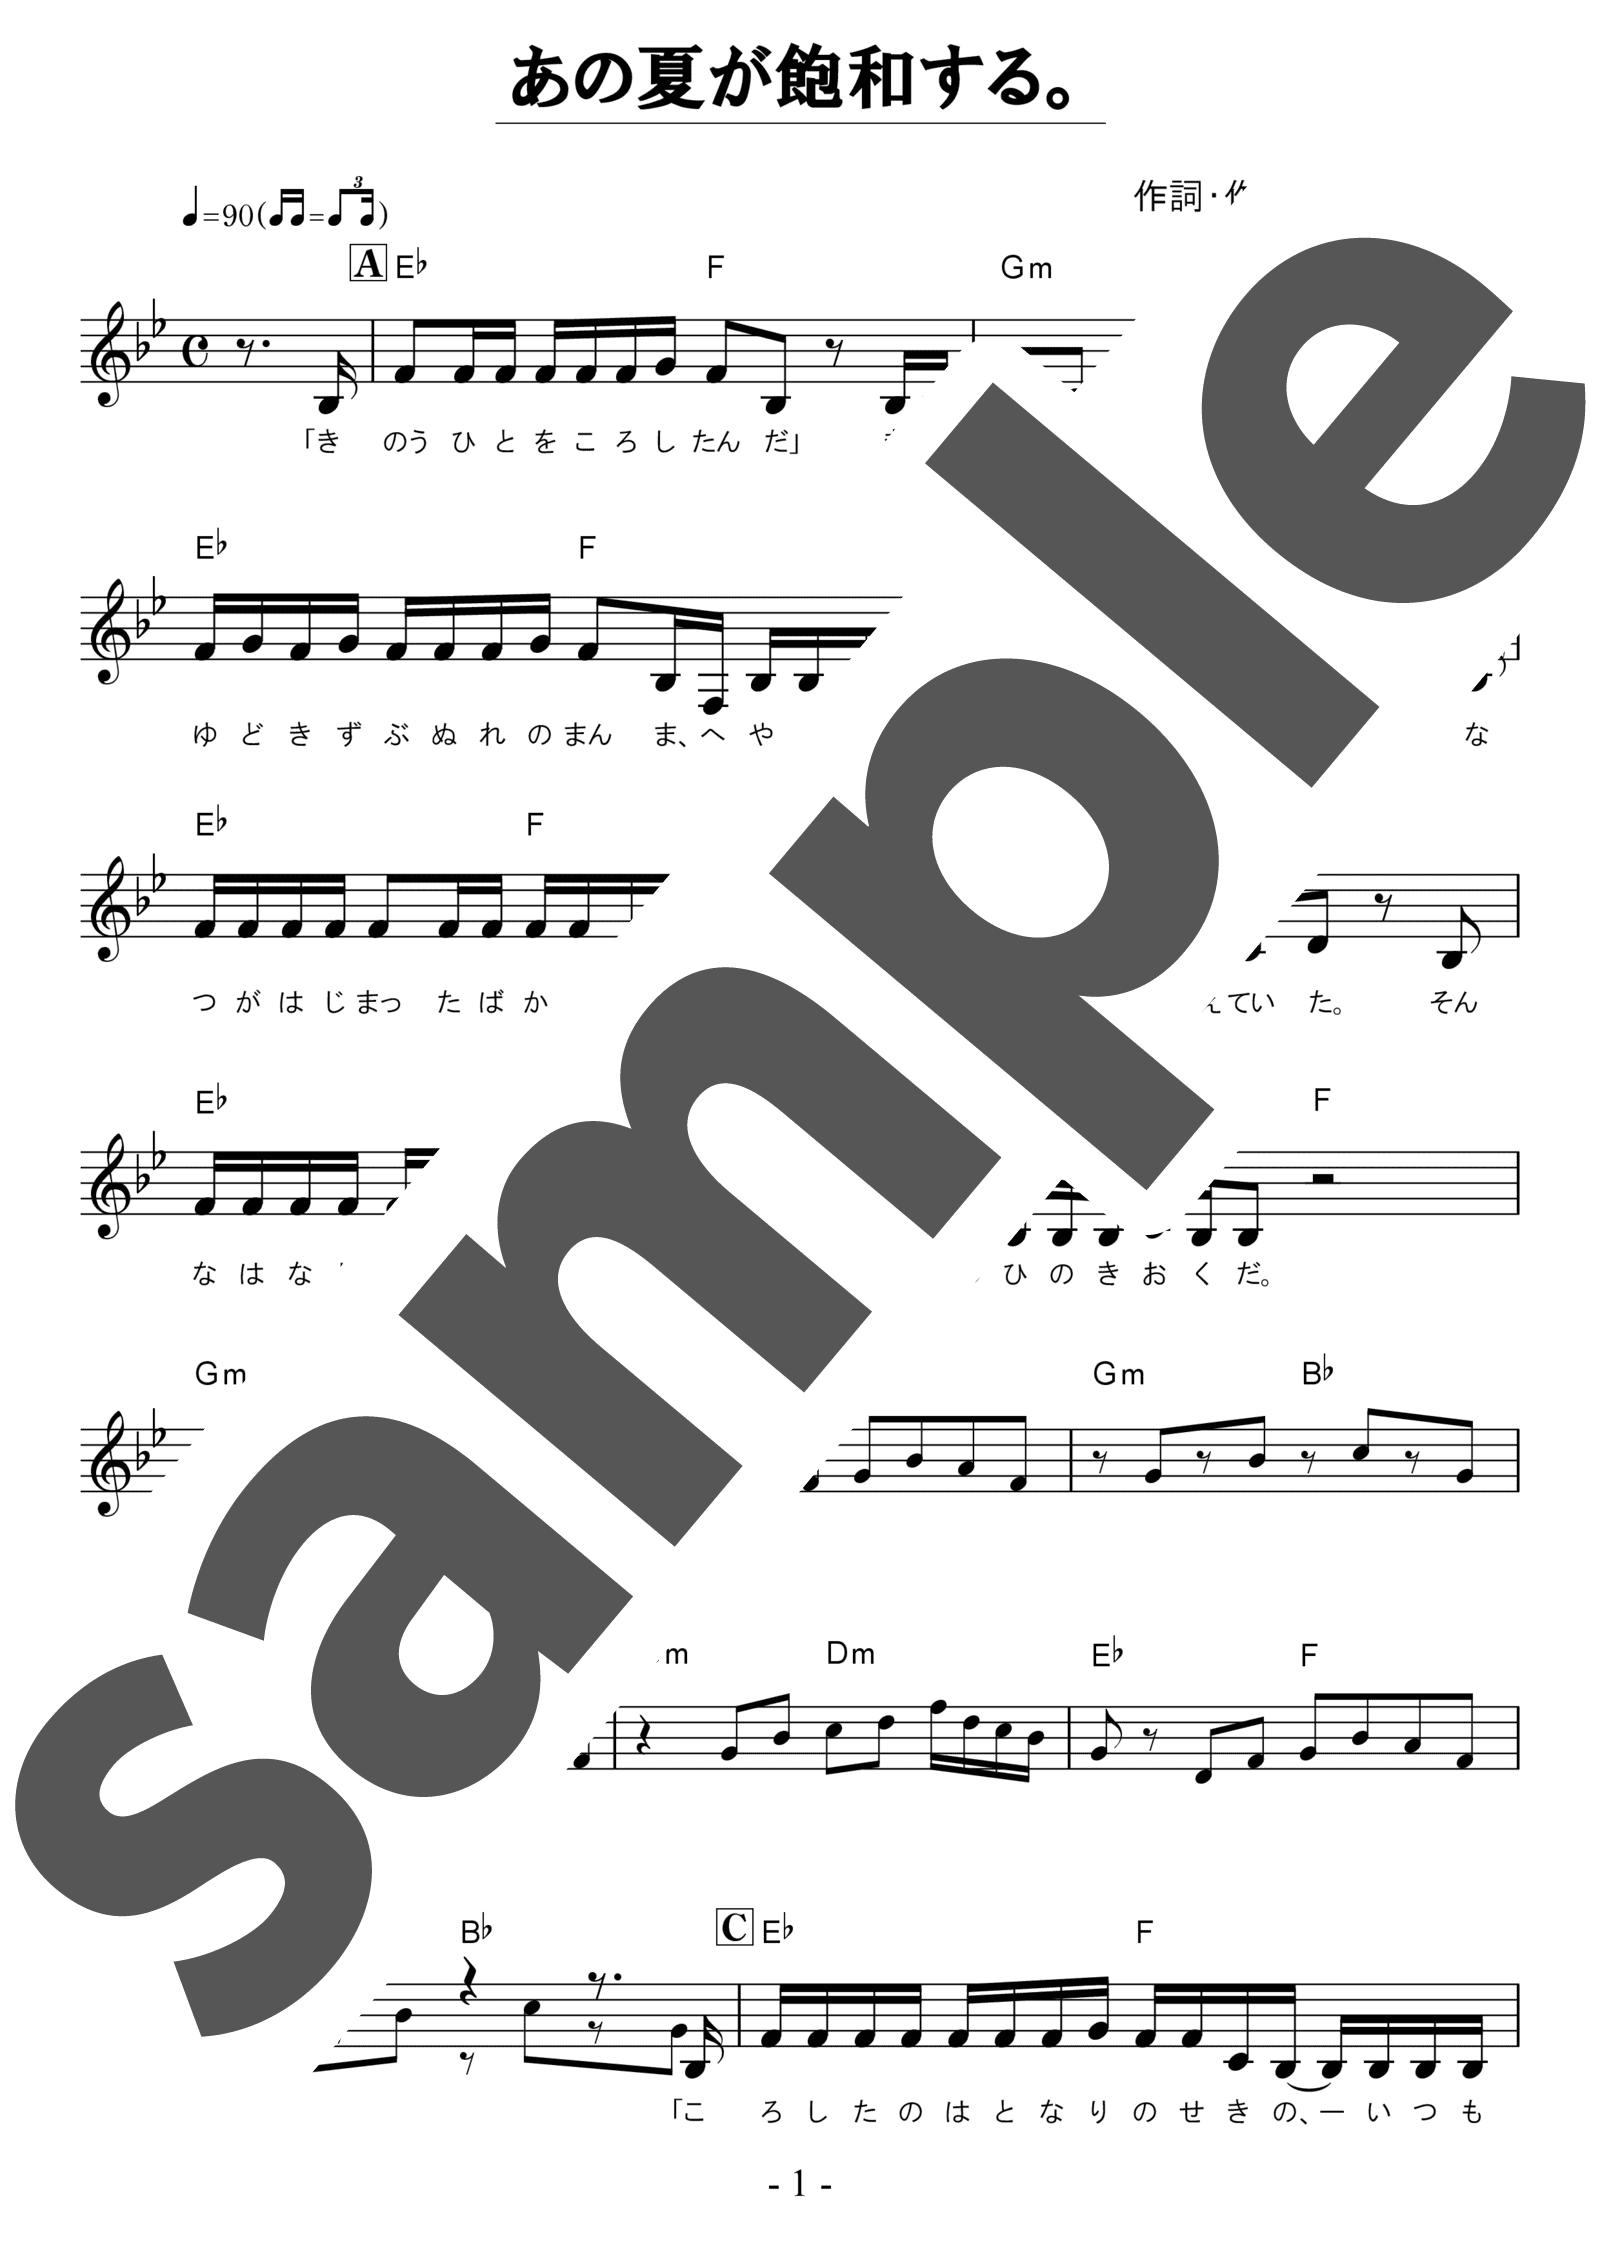 「あの夏が飽和する」のサンプル楽譜